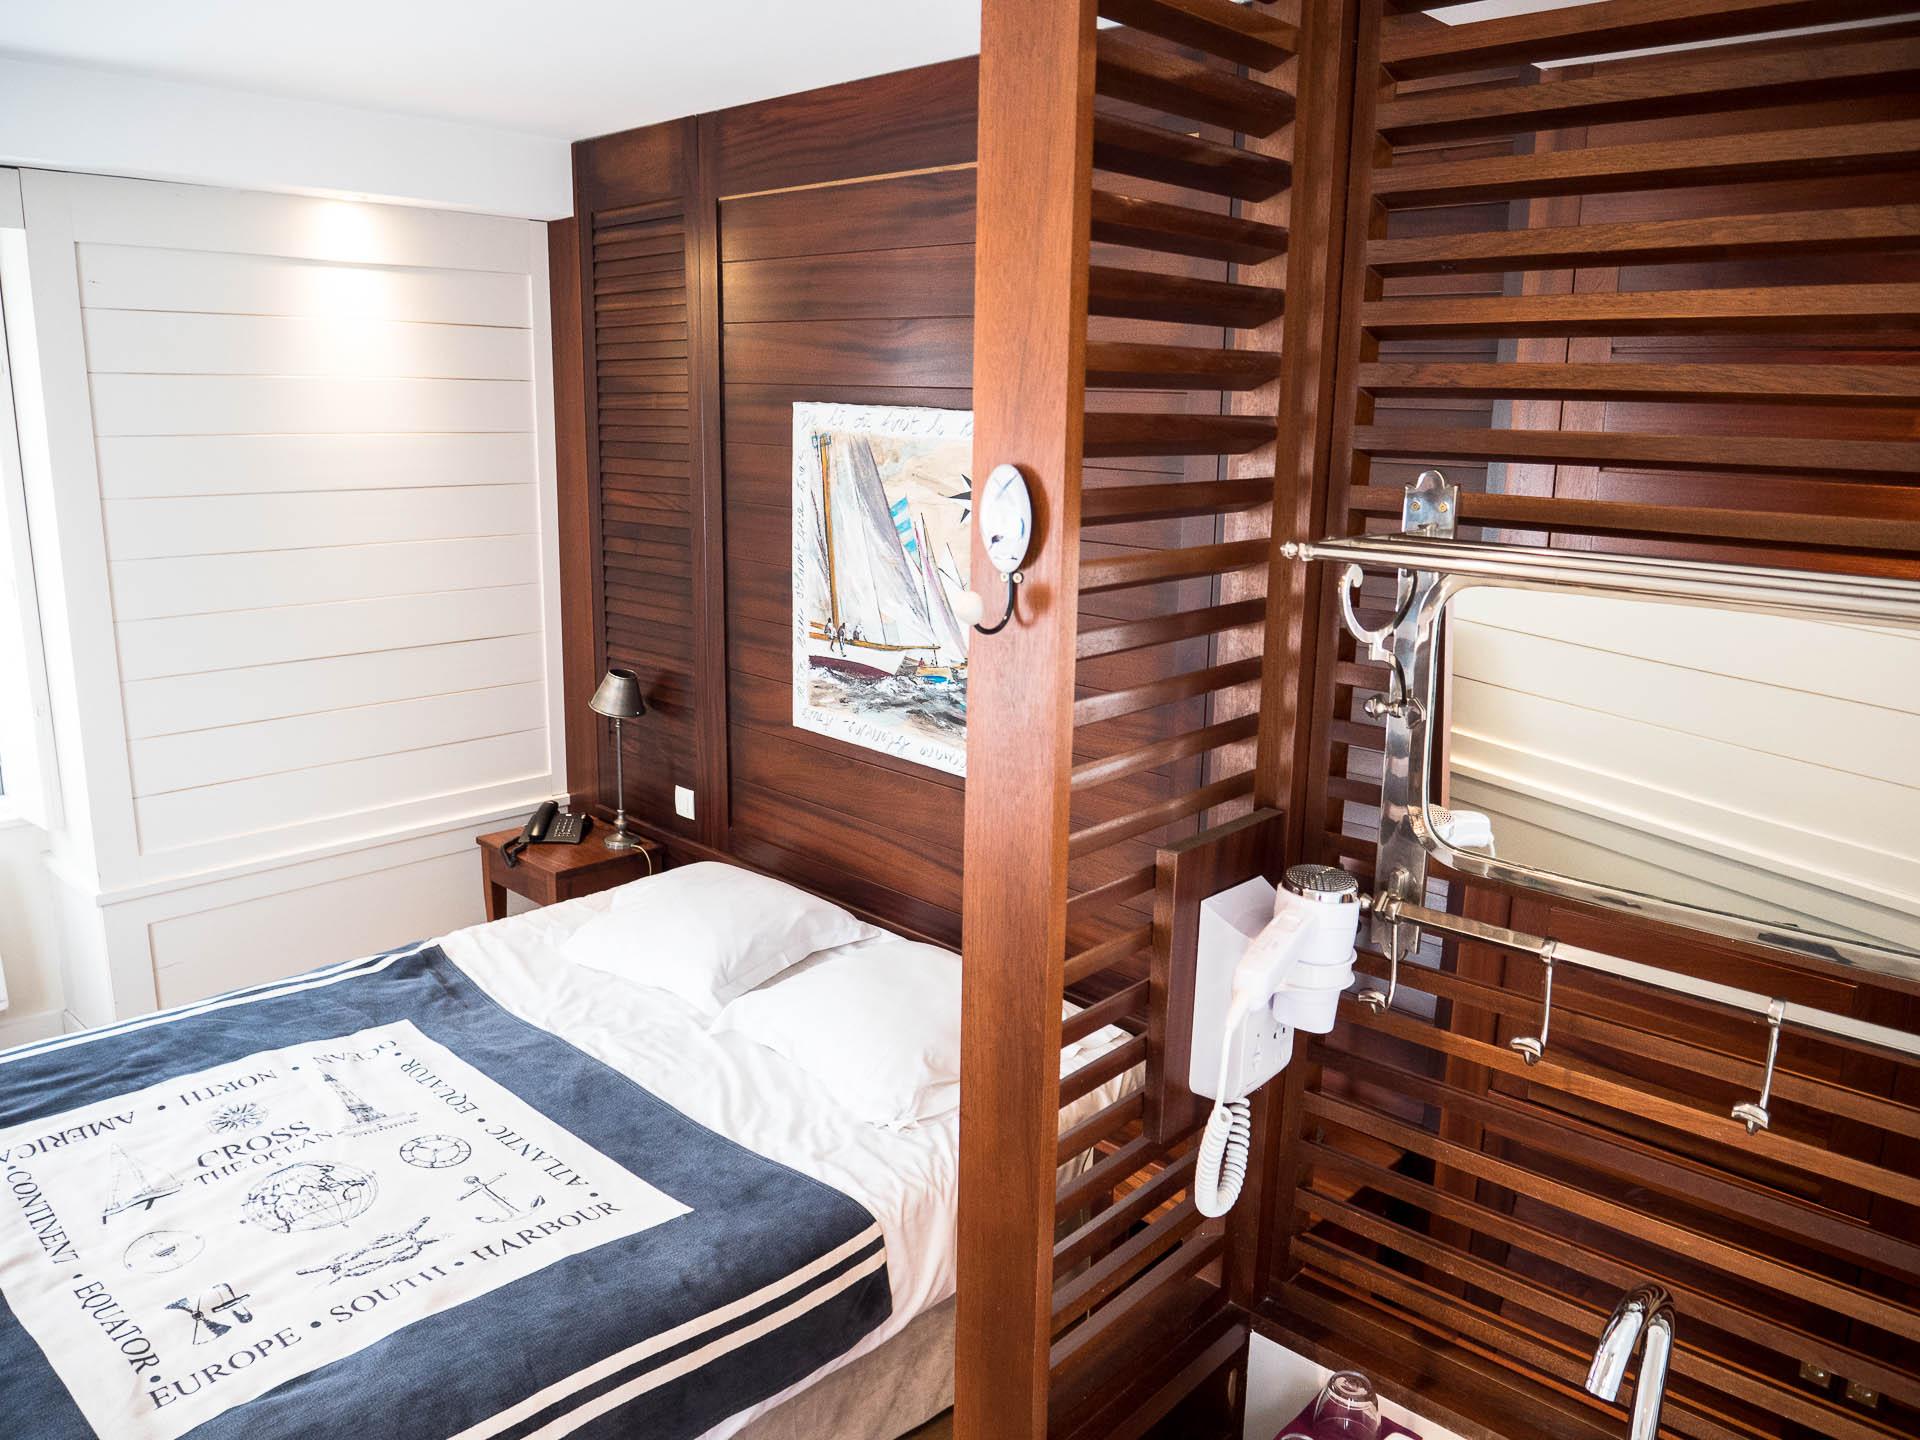 le conquet chambre hotel 2 ter - Les globe blogueurs - blog voyage nature